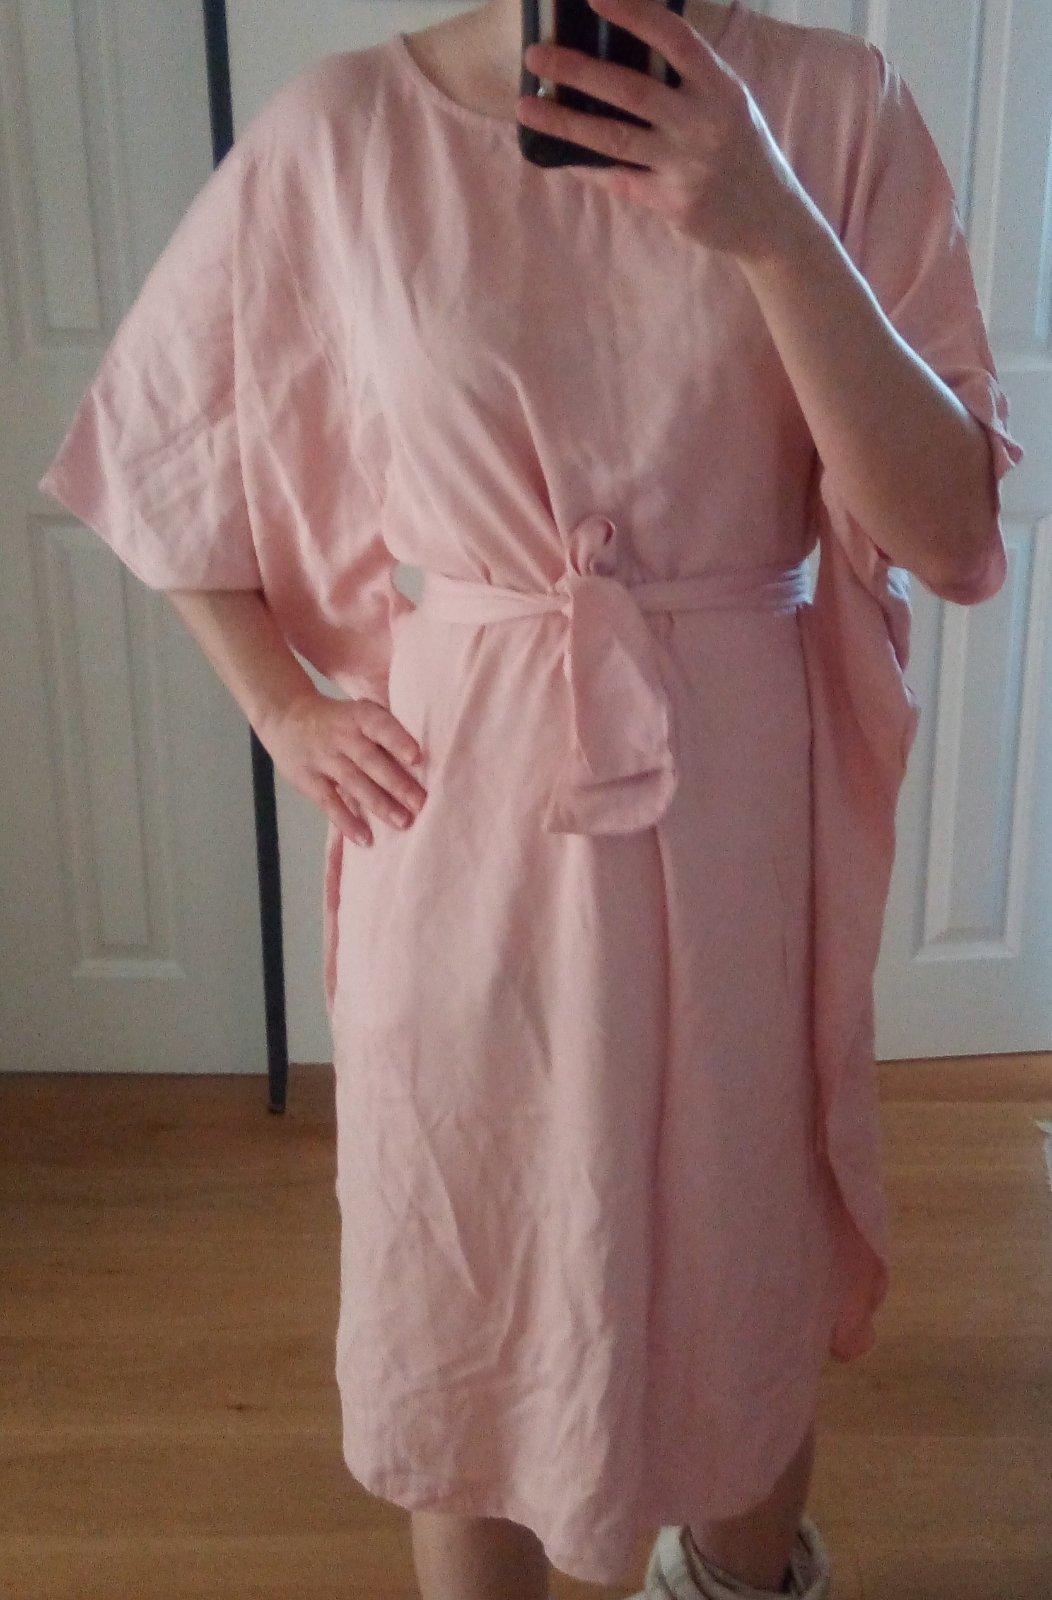 Bledoružové šaty univeľkosť - Obrázok č. 1